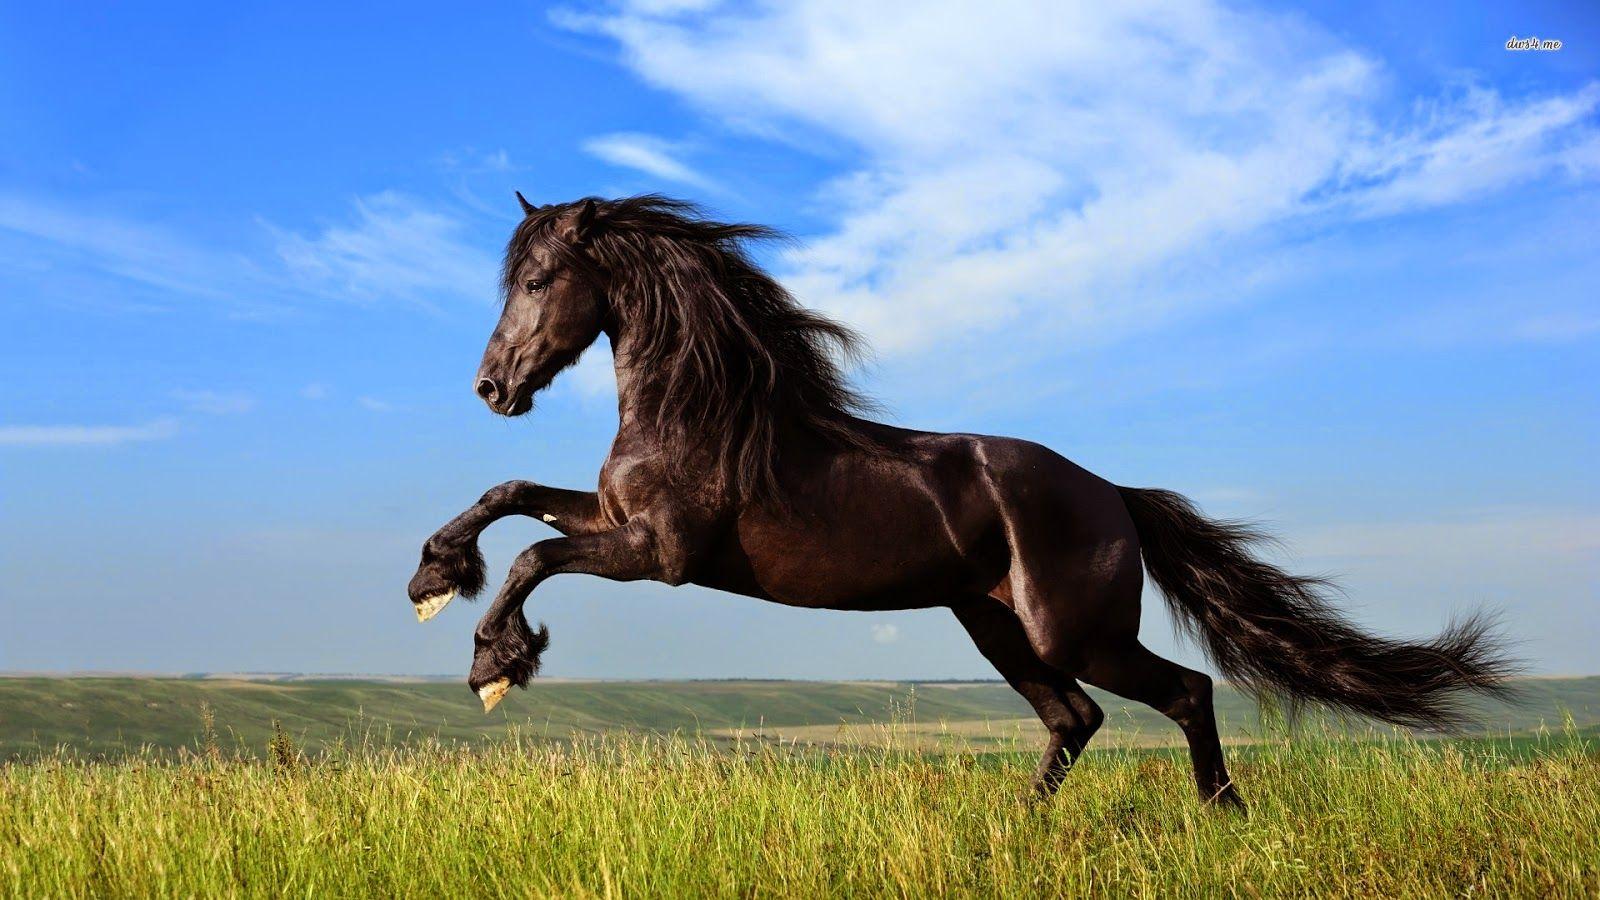 Wonderful Wallpaper Horse Creative - 5d978494eef3c0c3a41c3d139ab7a5a5  HD_913081.jpg